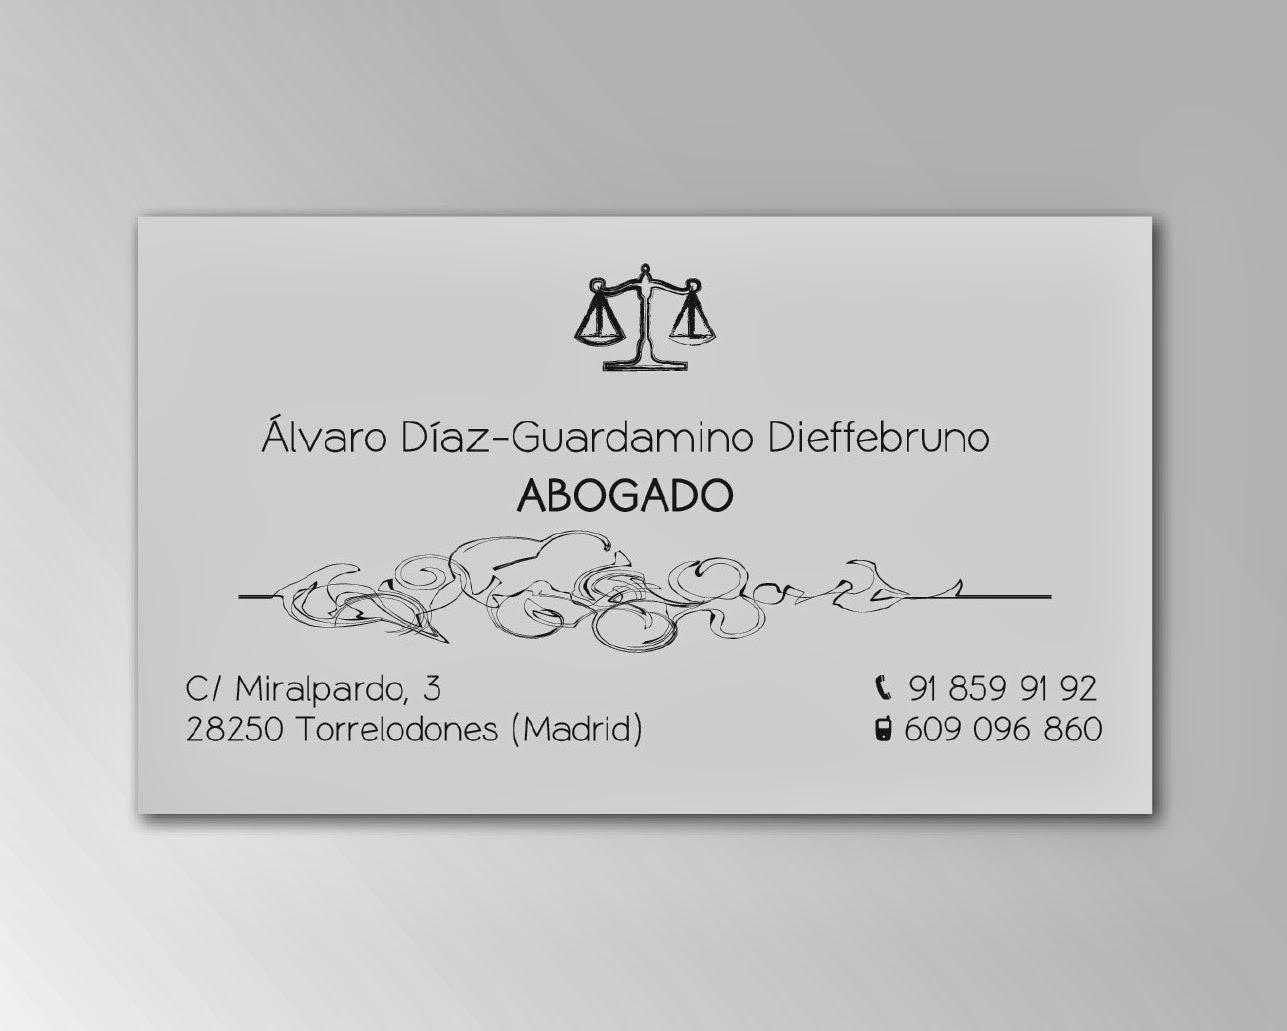 Maria luengo dise o e impresi n de tarjetas de visita for Diseno de oficina para abogados